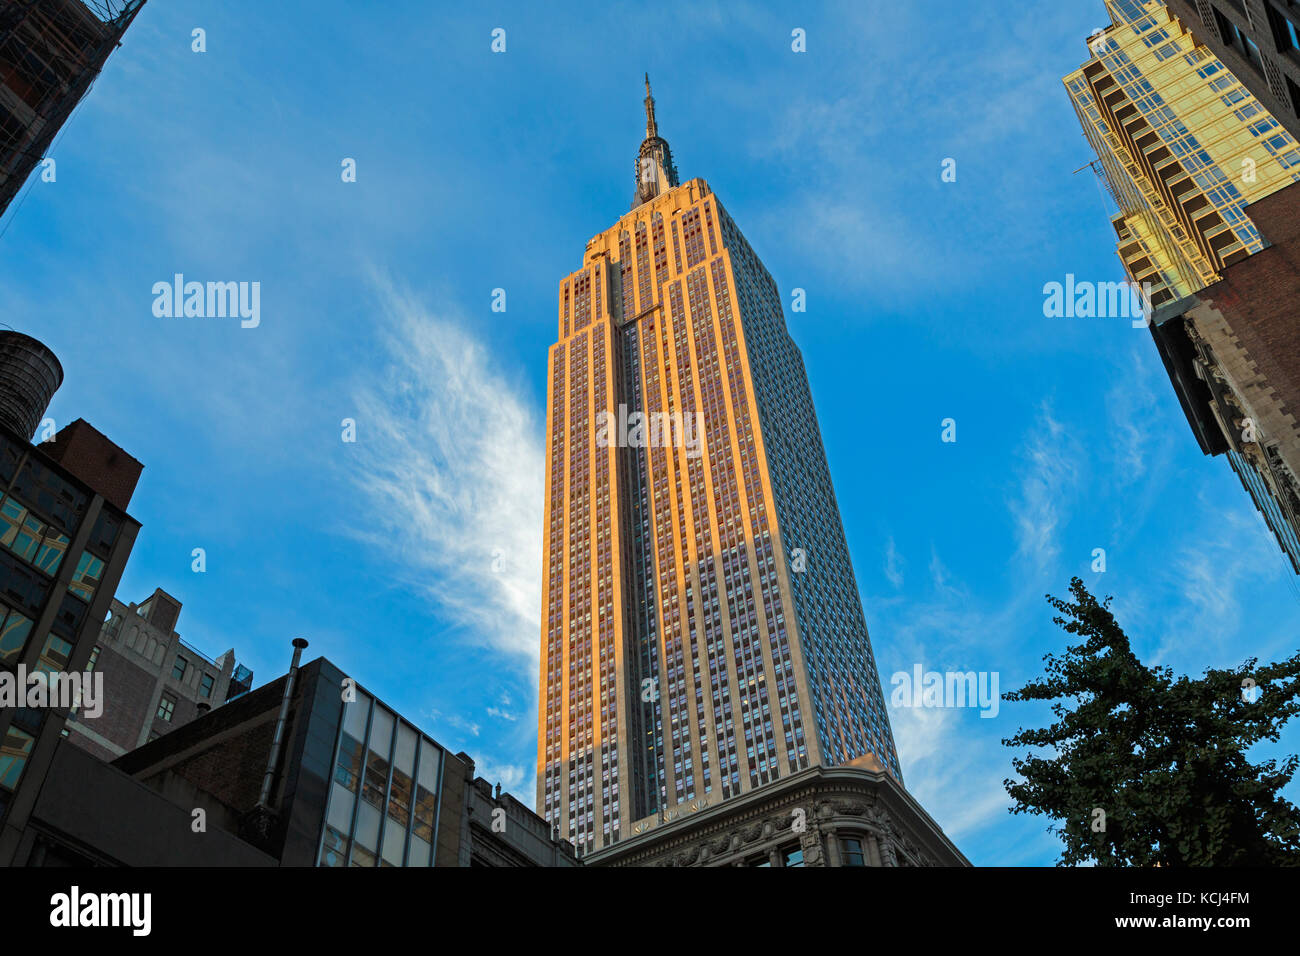 New York City, New York State, Vereinigte Staaten von Amerika. Das empire state building Skyscraper. Stockbild